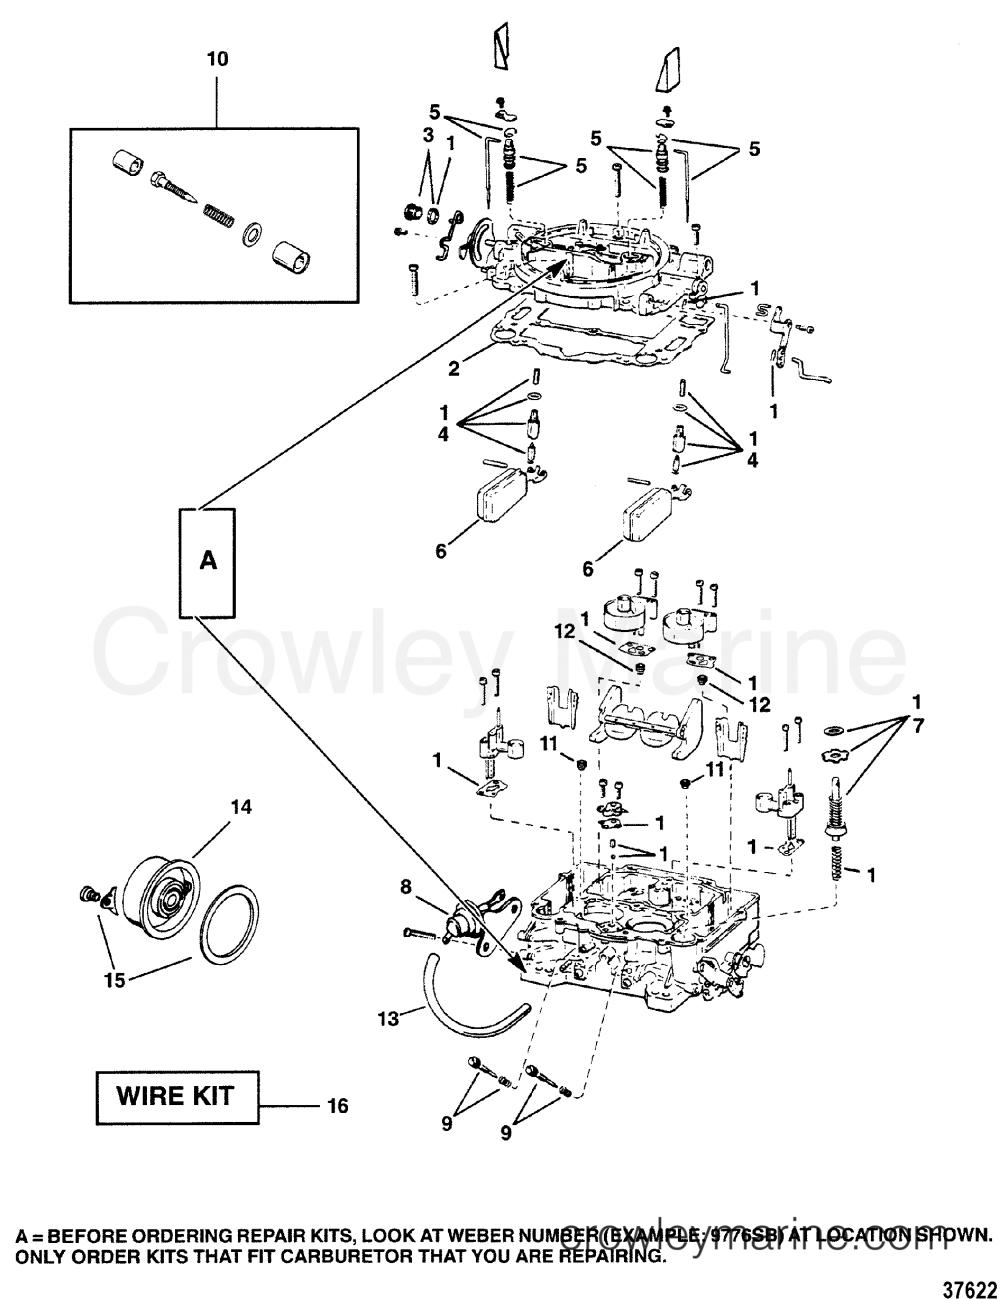 medium resolution of 454 carbureted wiring diagram wiring diagram structure 454 carbureted wiring diagram